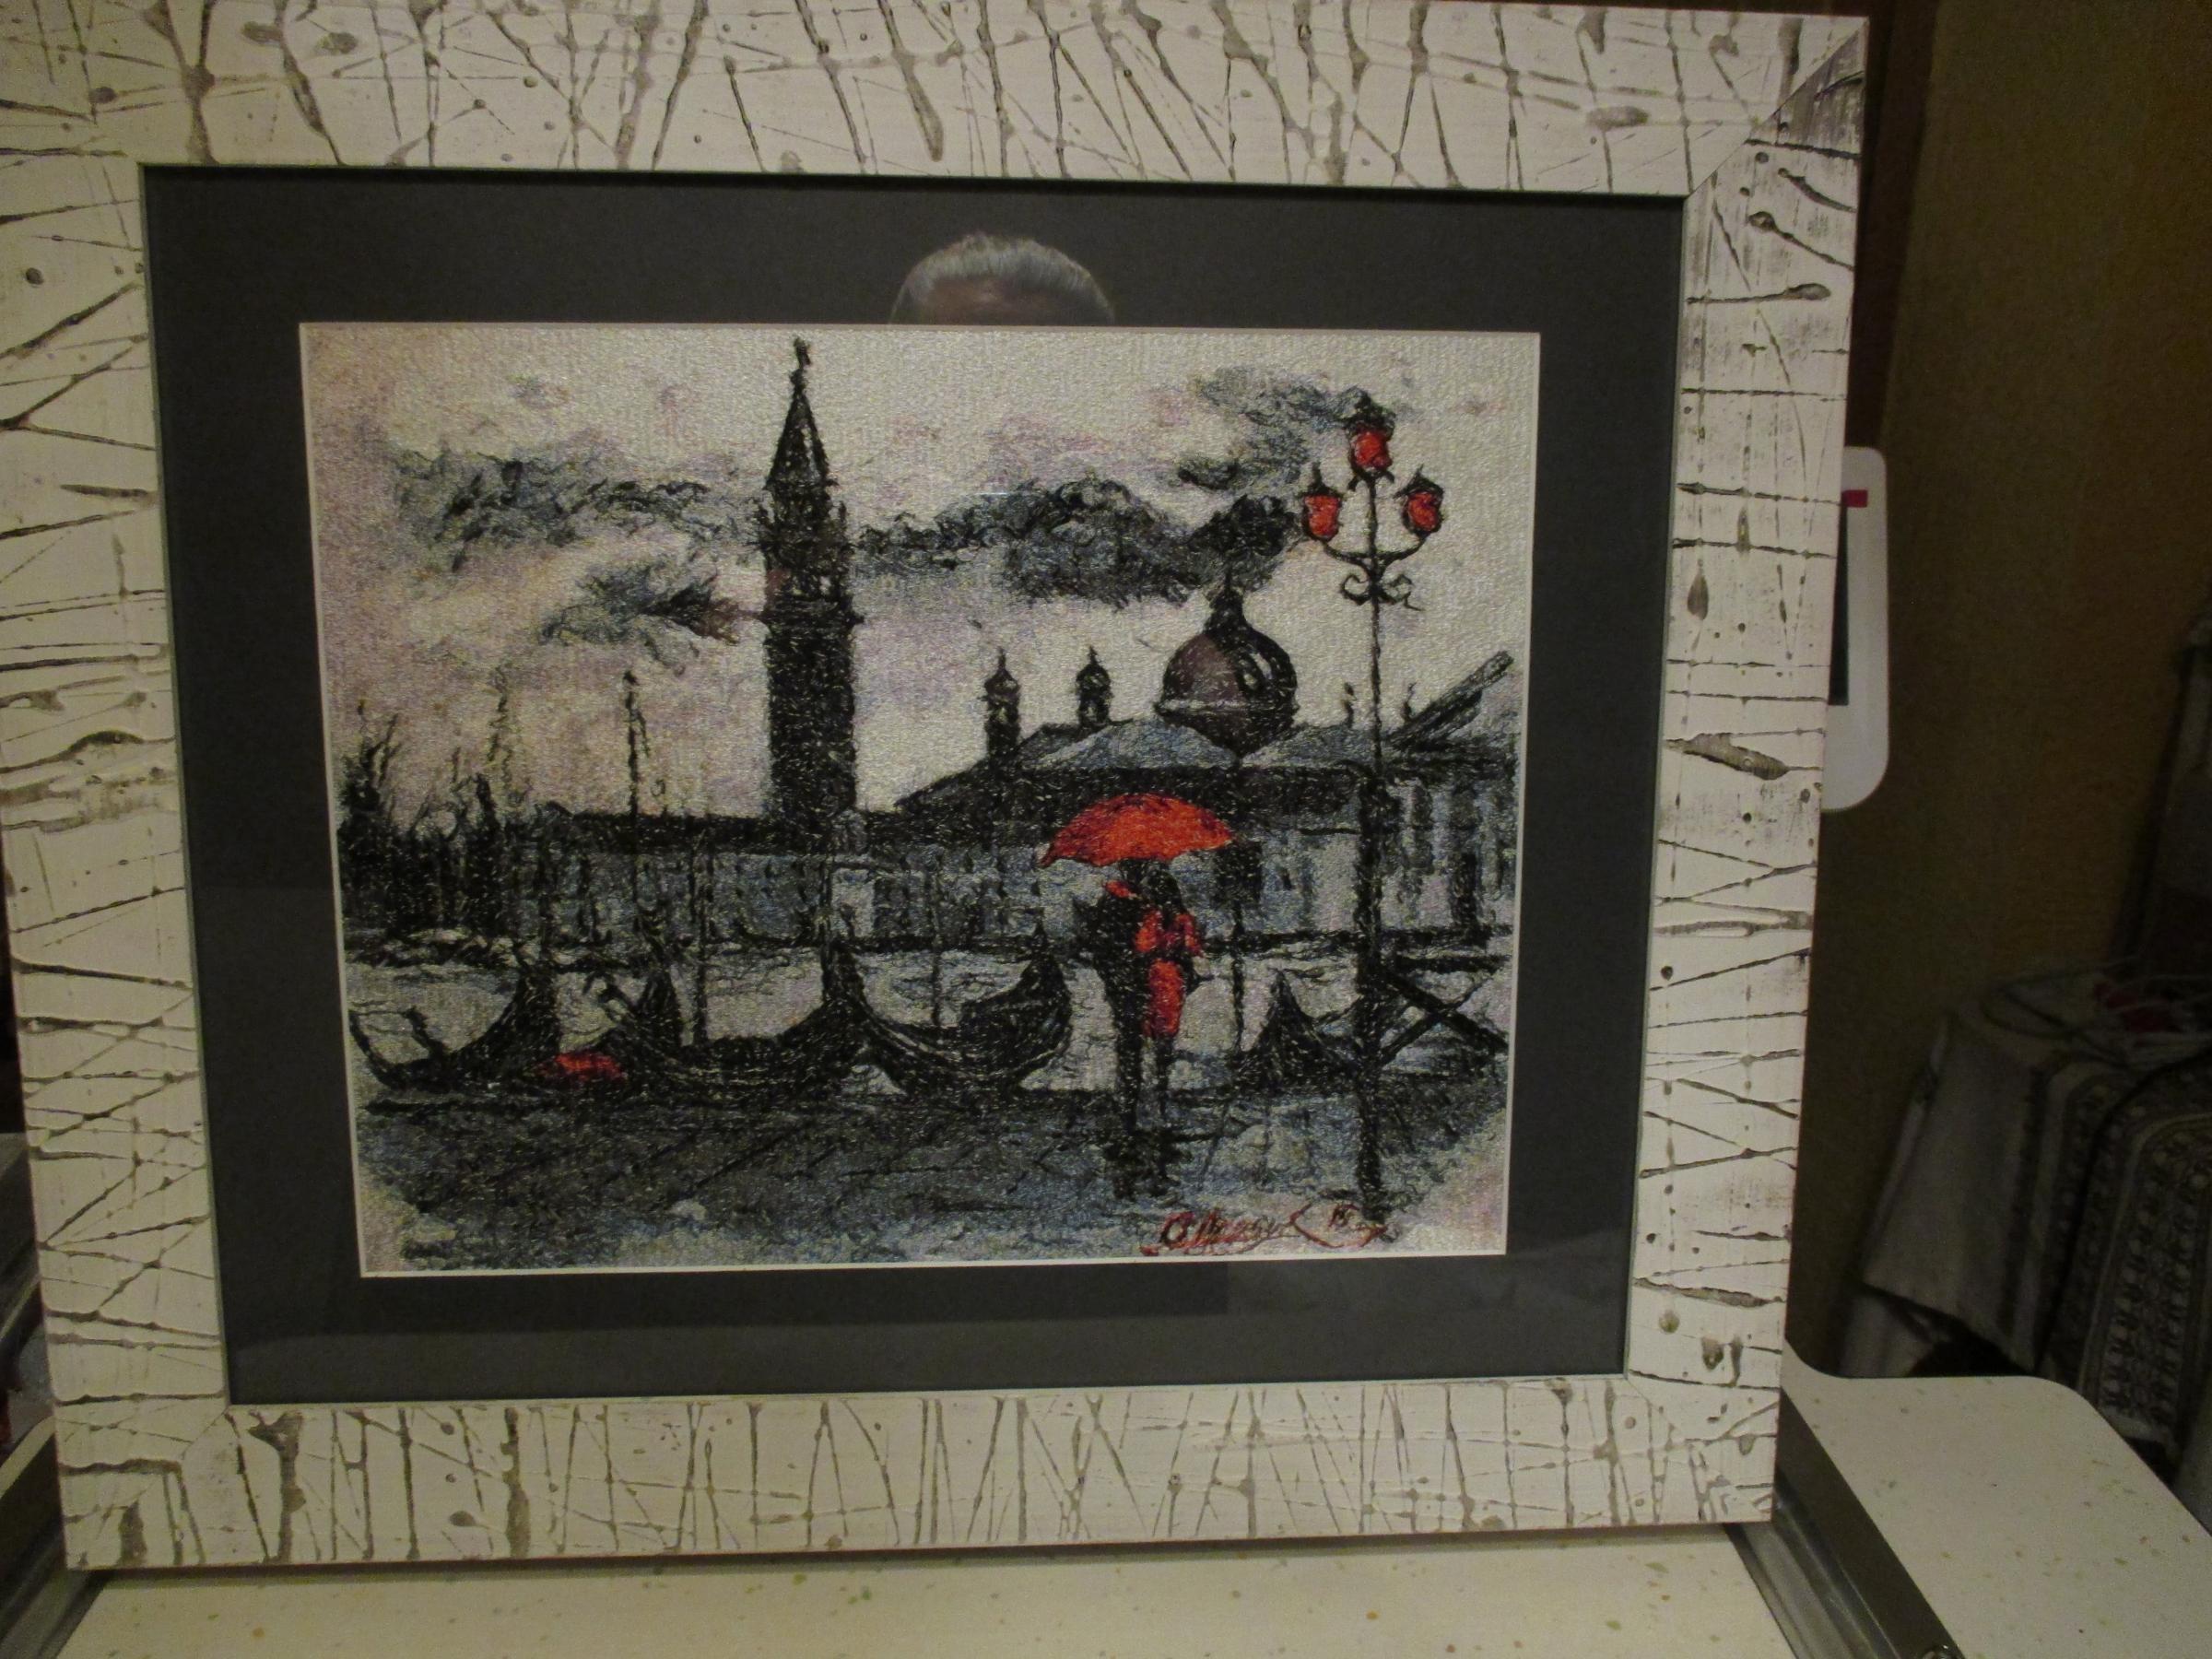 Italy rain photo stitch embroidery design